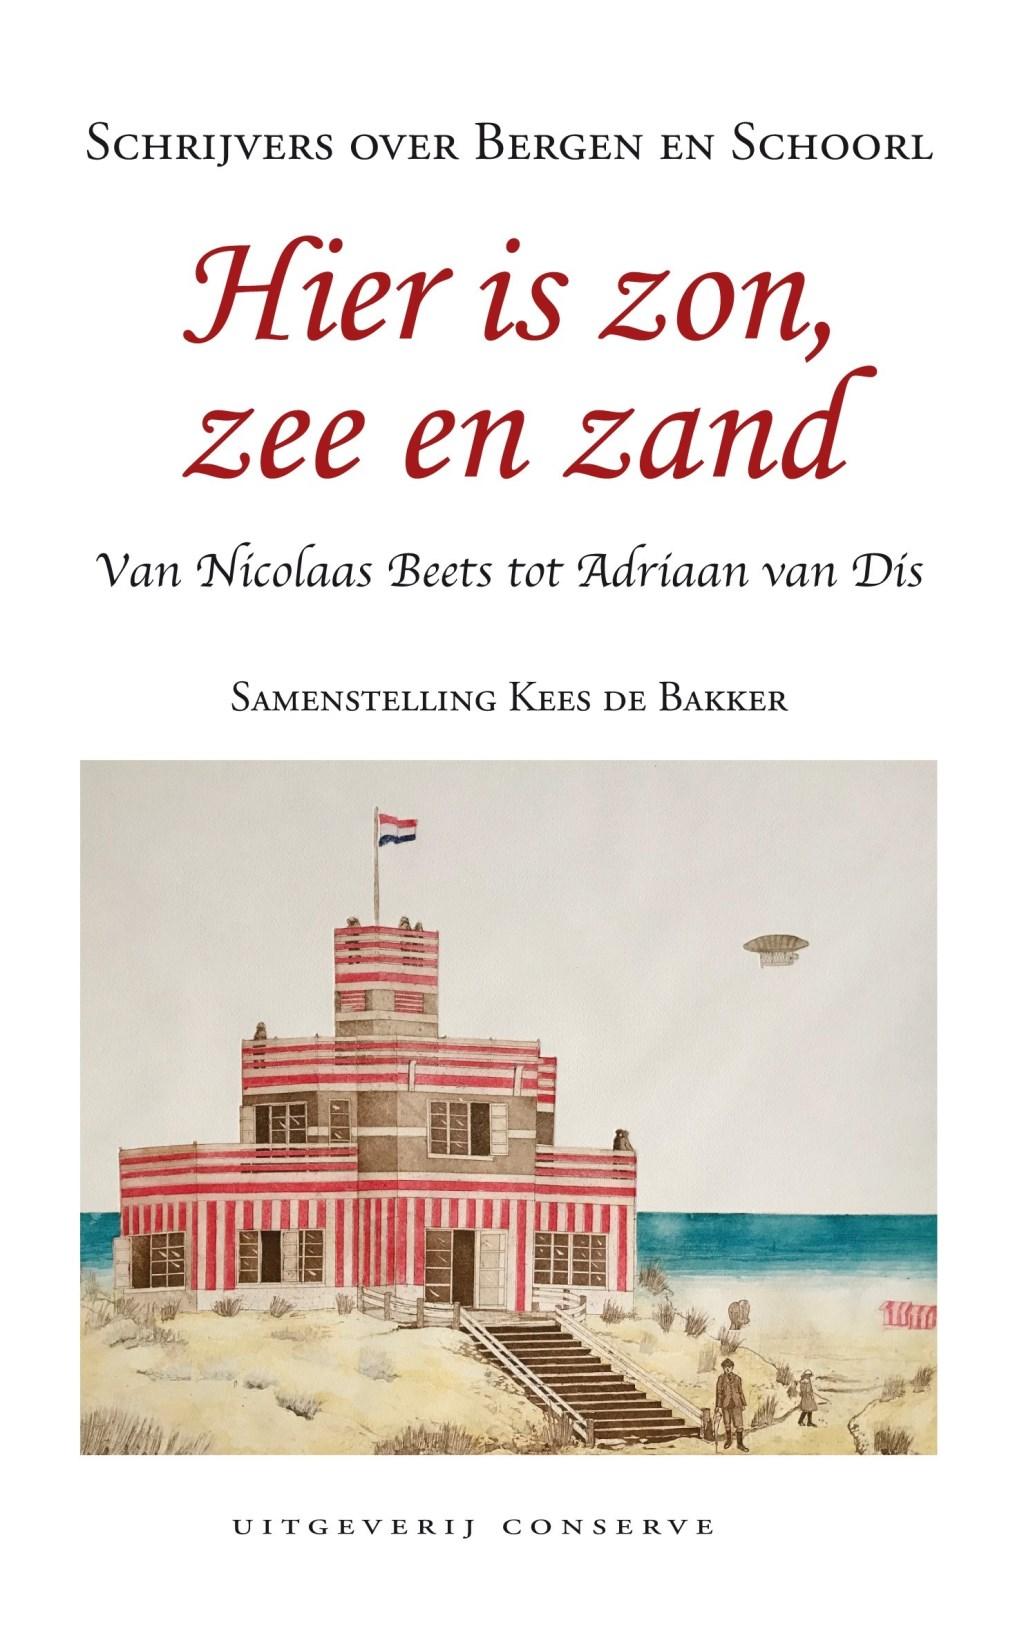 Bij deelname ontvangt u ook het boek Hier is zon, zee en zand. (Foto: aangeleverd) © rodi